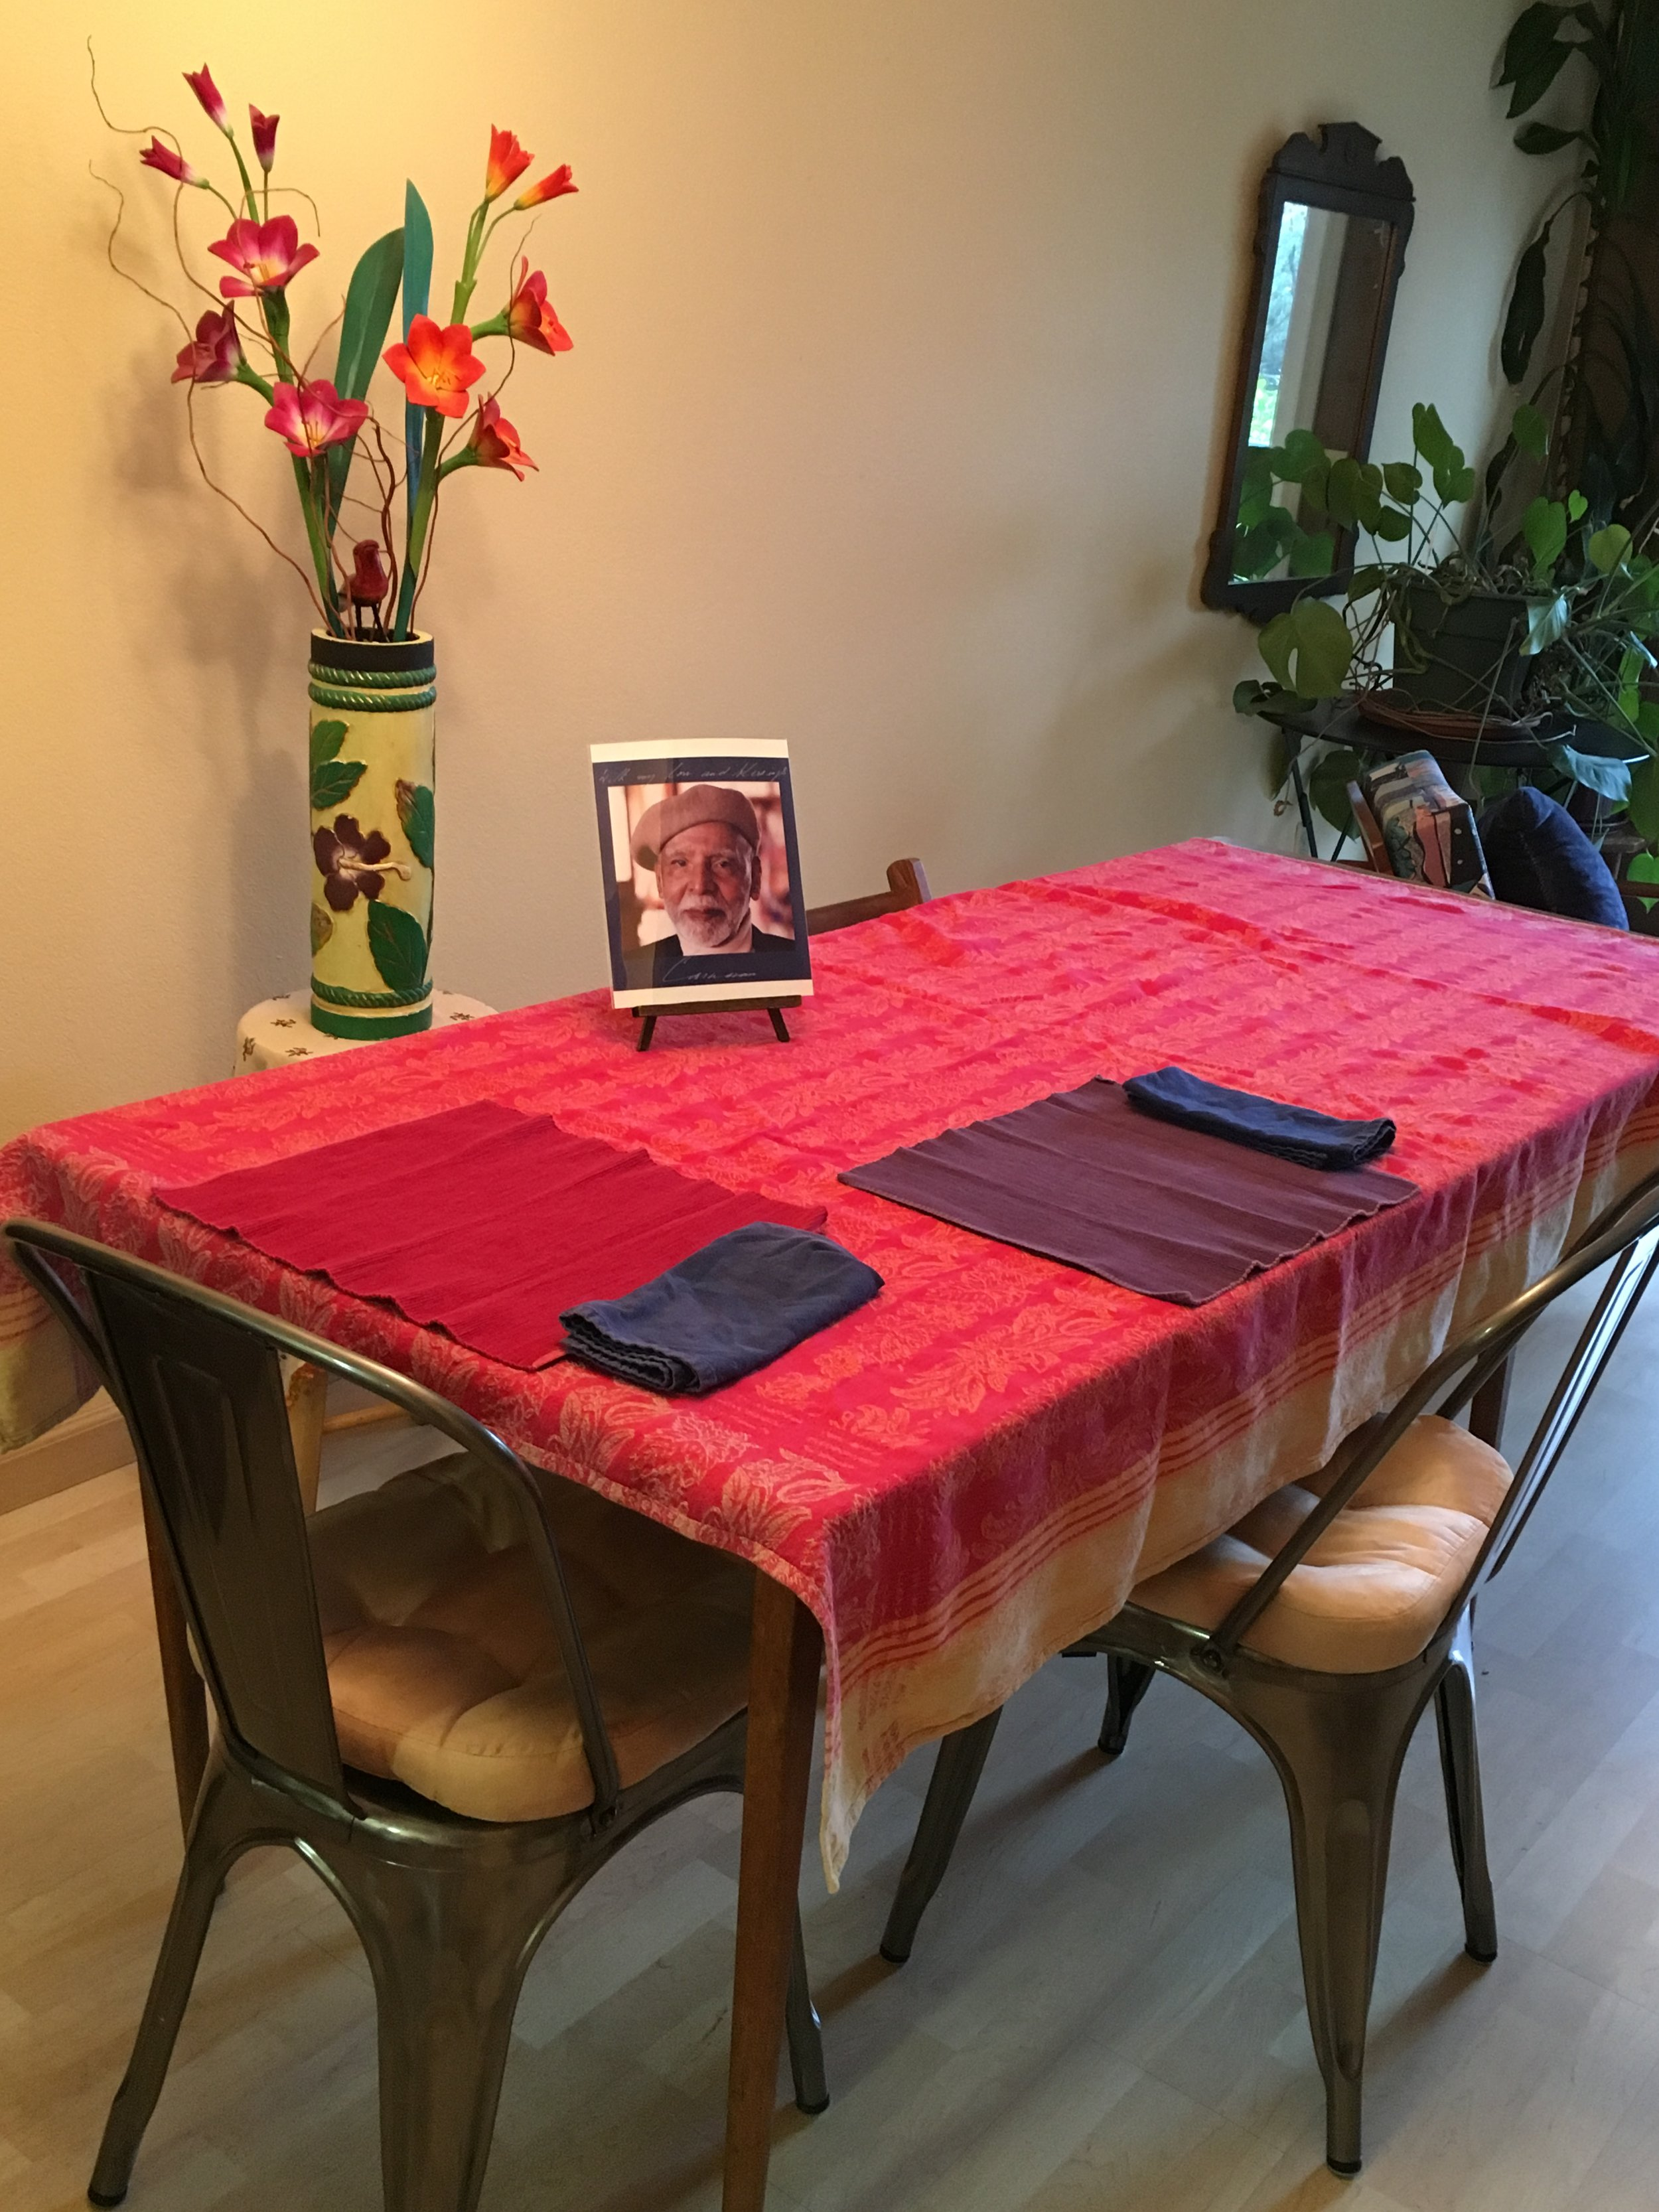 EE on Dining Table.jpeg